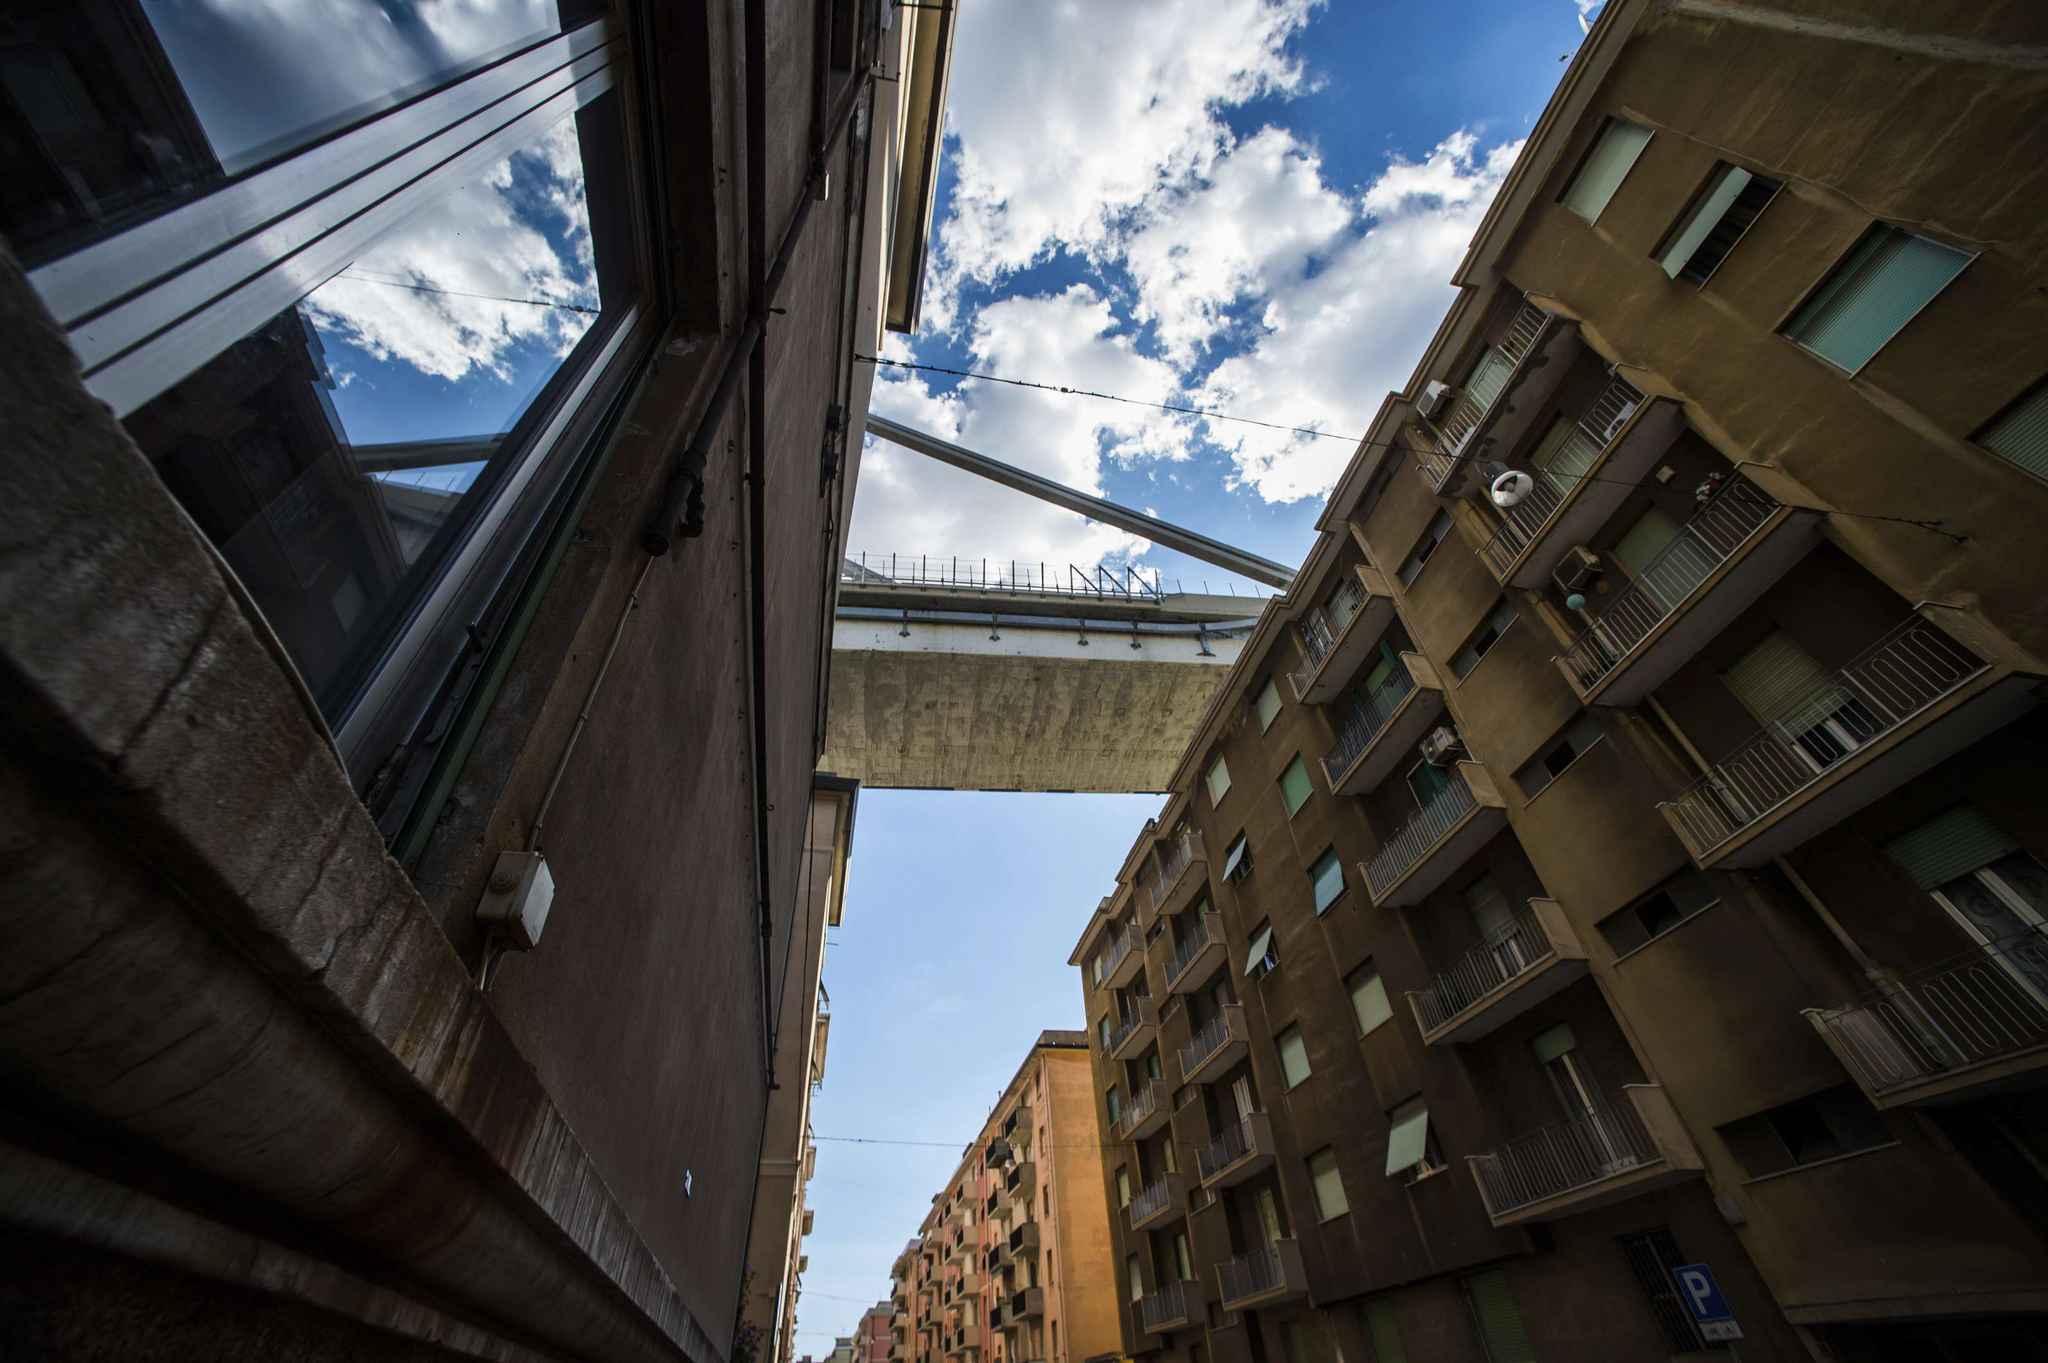 Vue des appartements qui ont été évacués après l'effondrement du pont Morandi à Gênes. Environ 630 personnes ont dû quitter précipitamment leur logement, après le drame car ce viaduc enjambe des quartiers d'habitations.